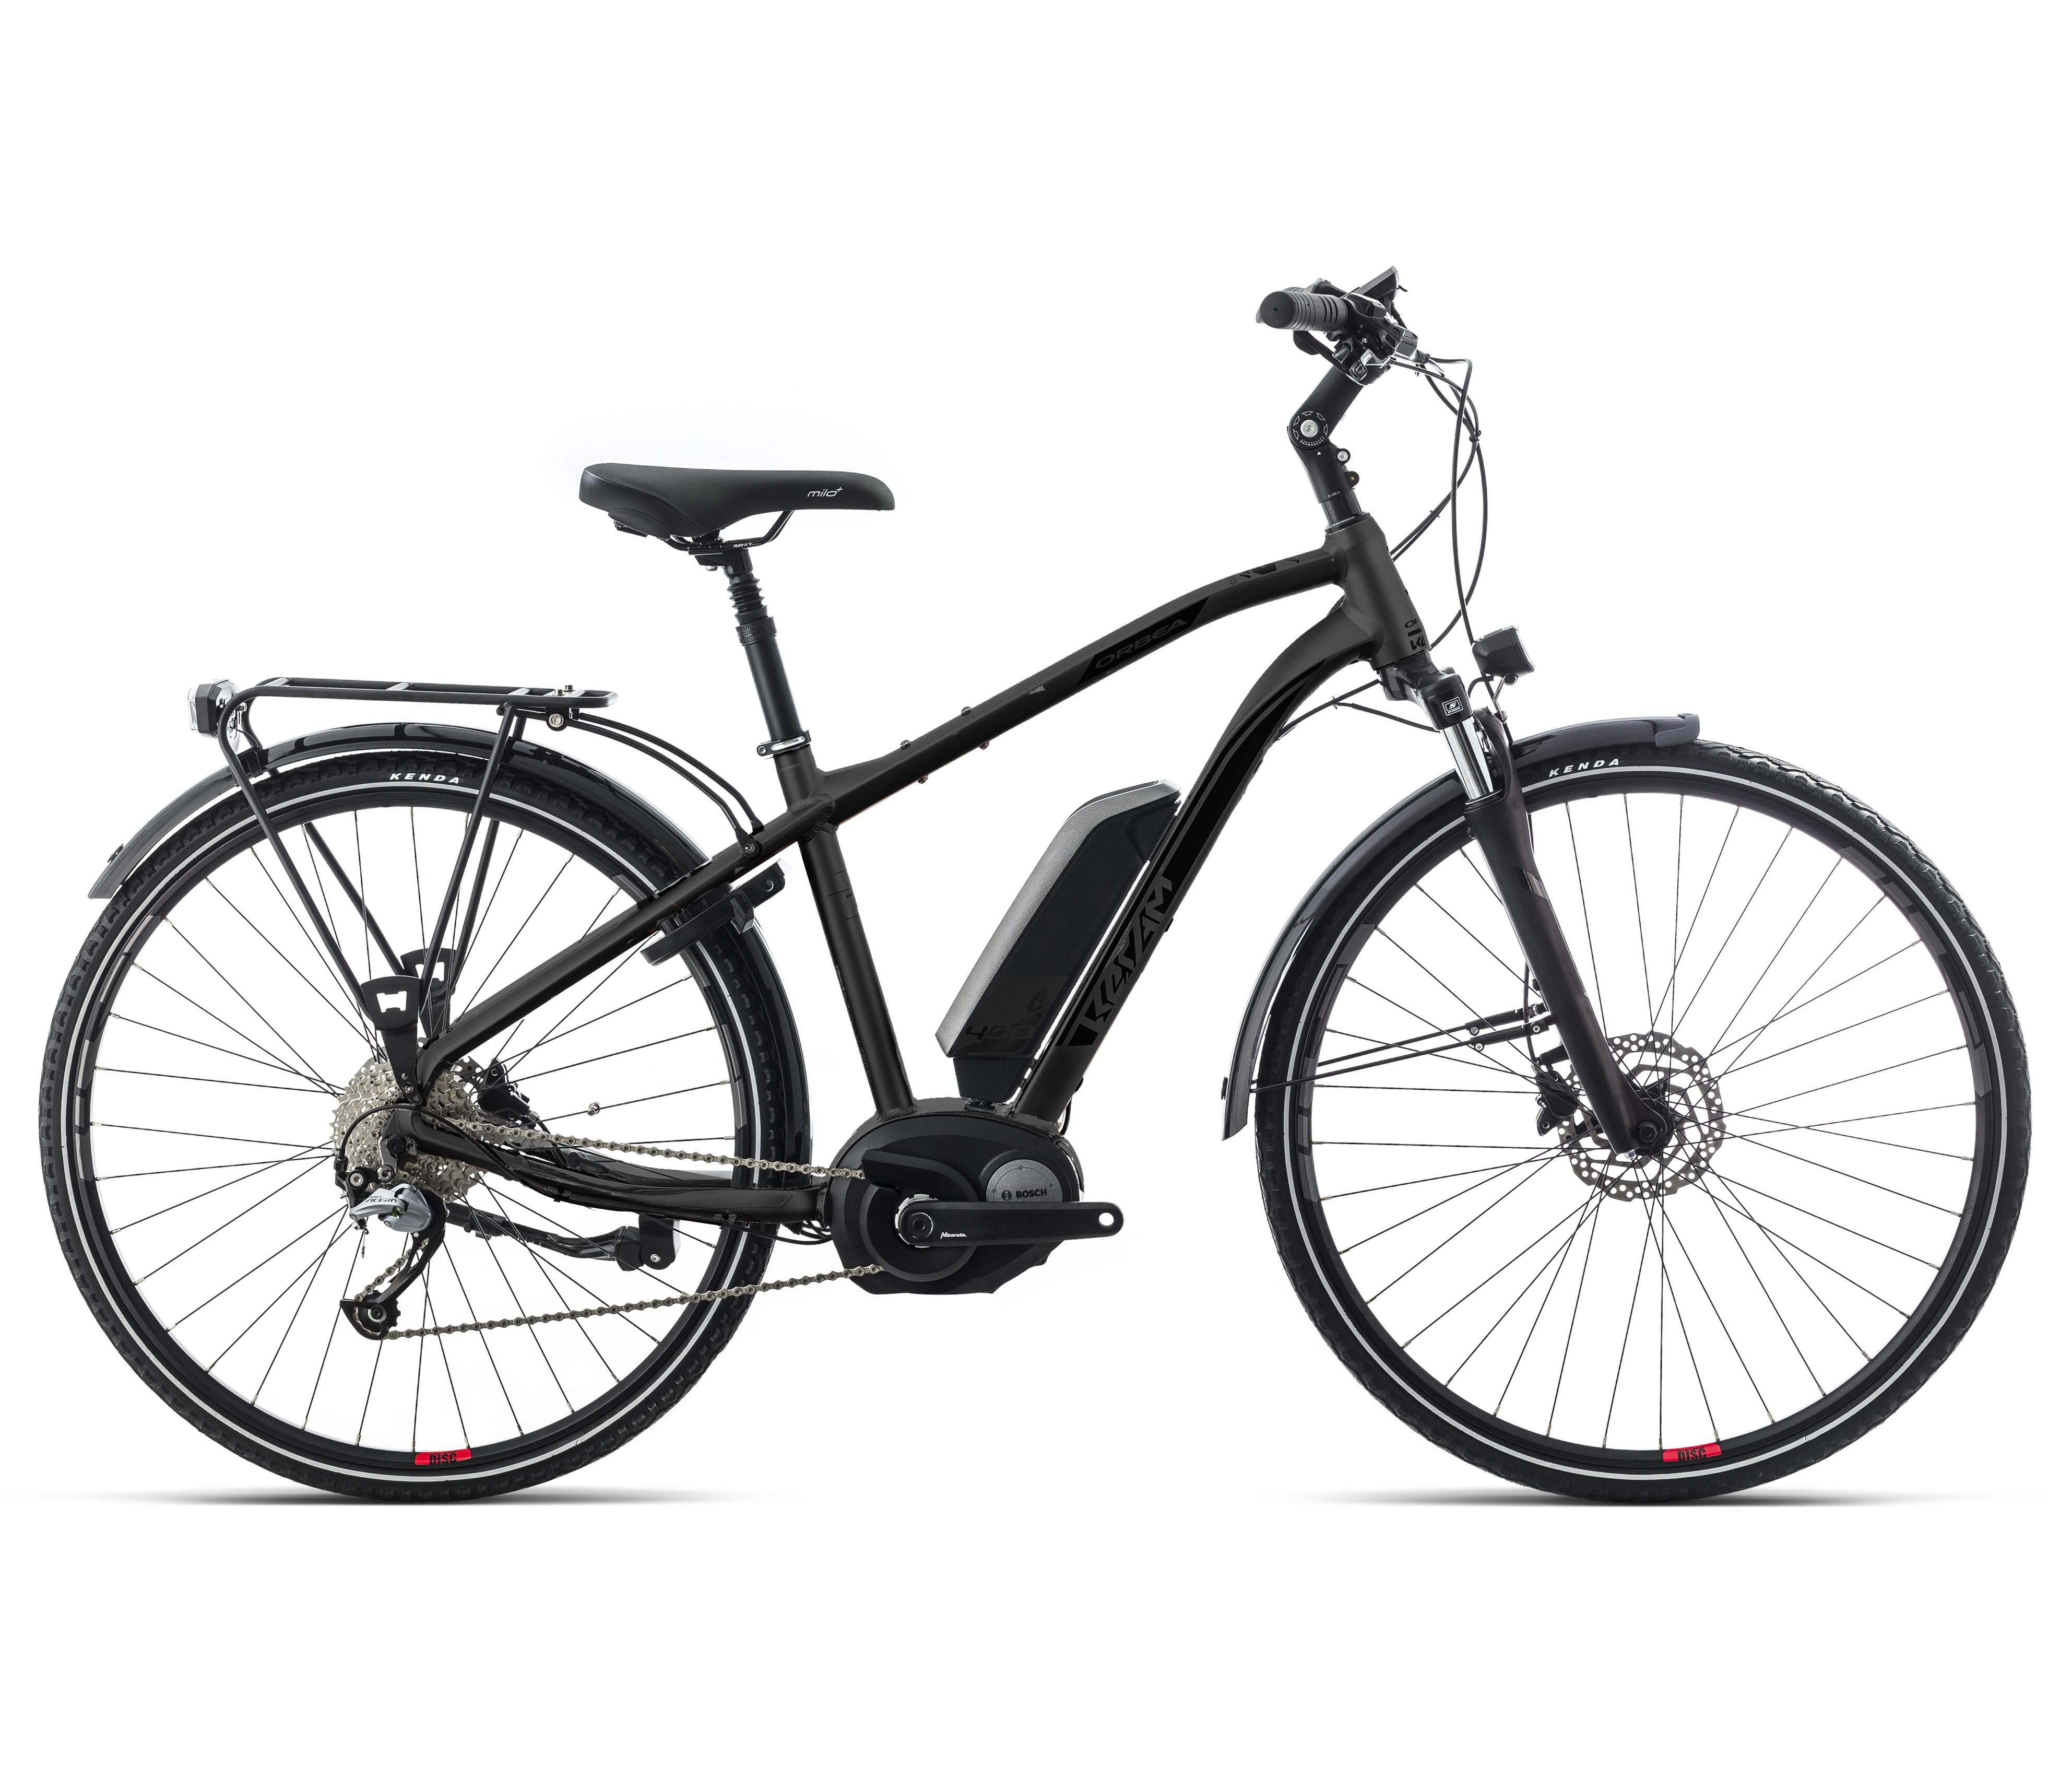 orbea e bike keram comfort 20 g nstig online kaufen. Black Bedroom Furniture Sets. Home Design Ideas